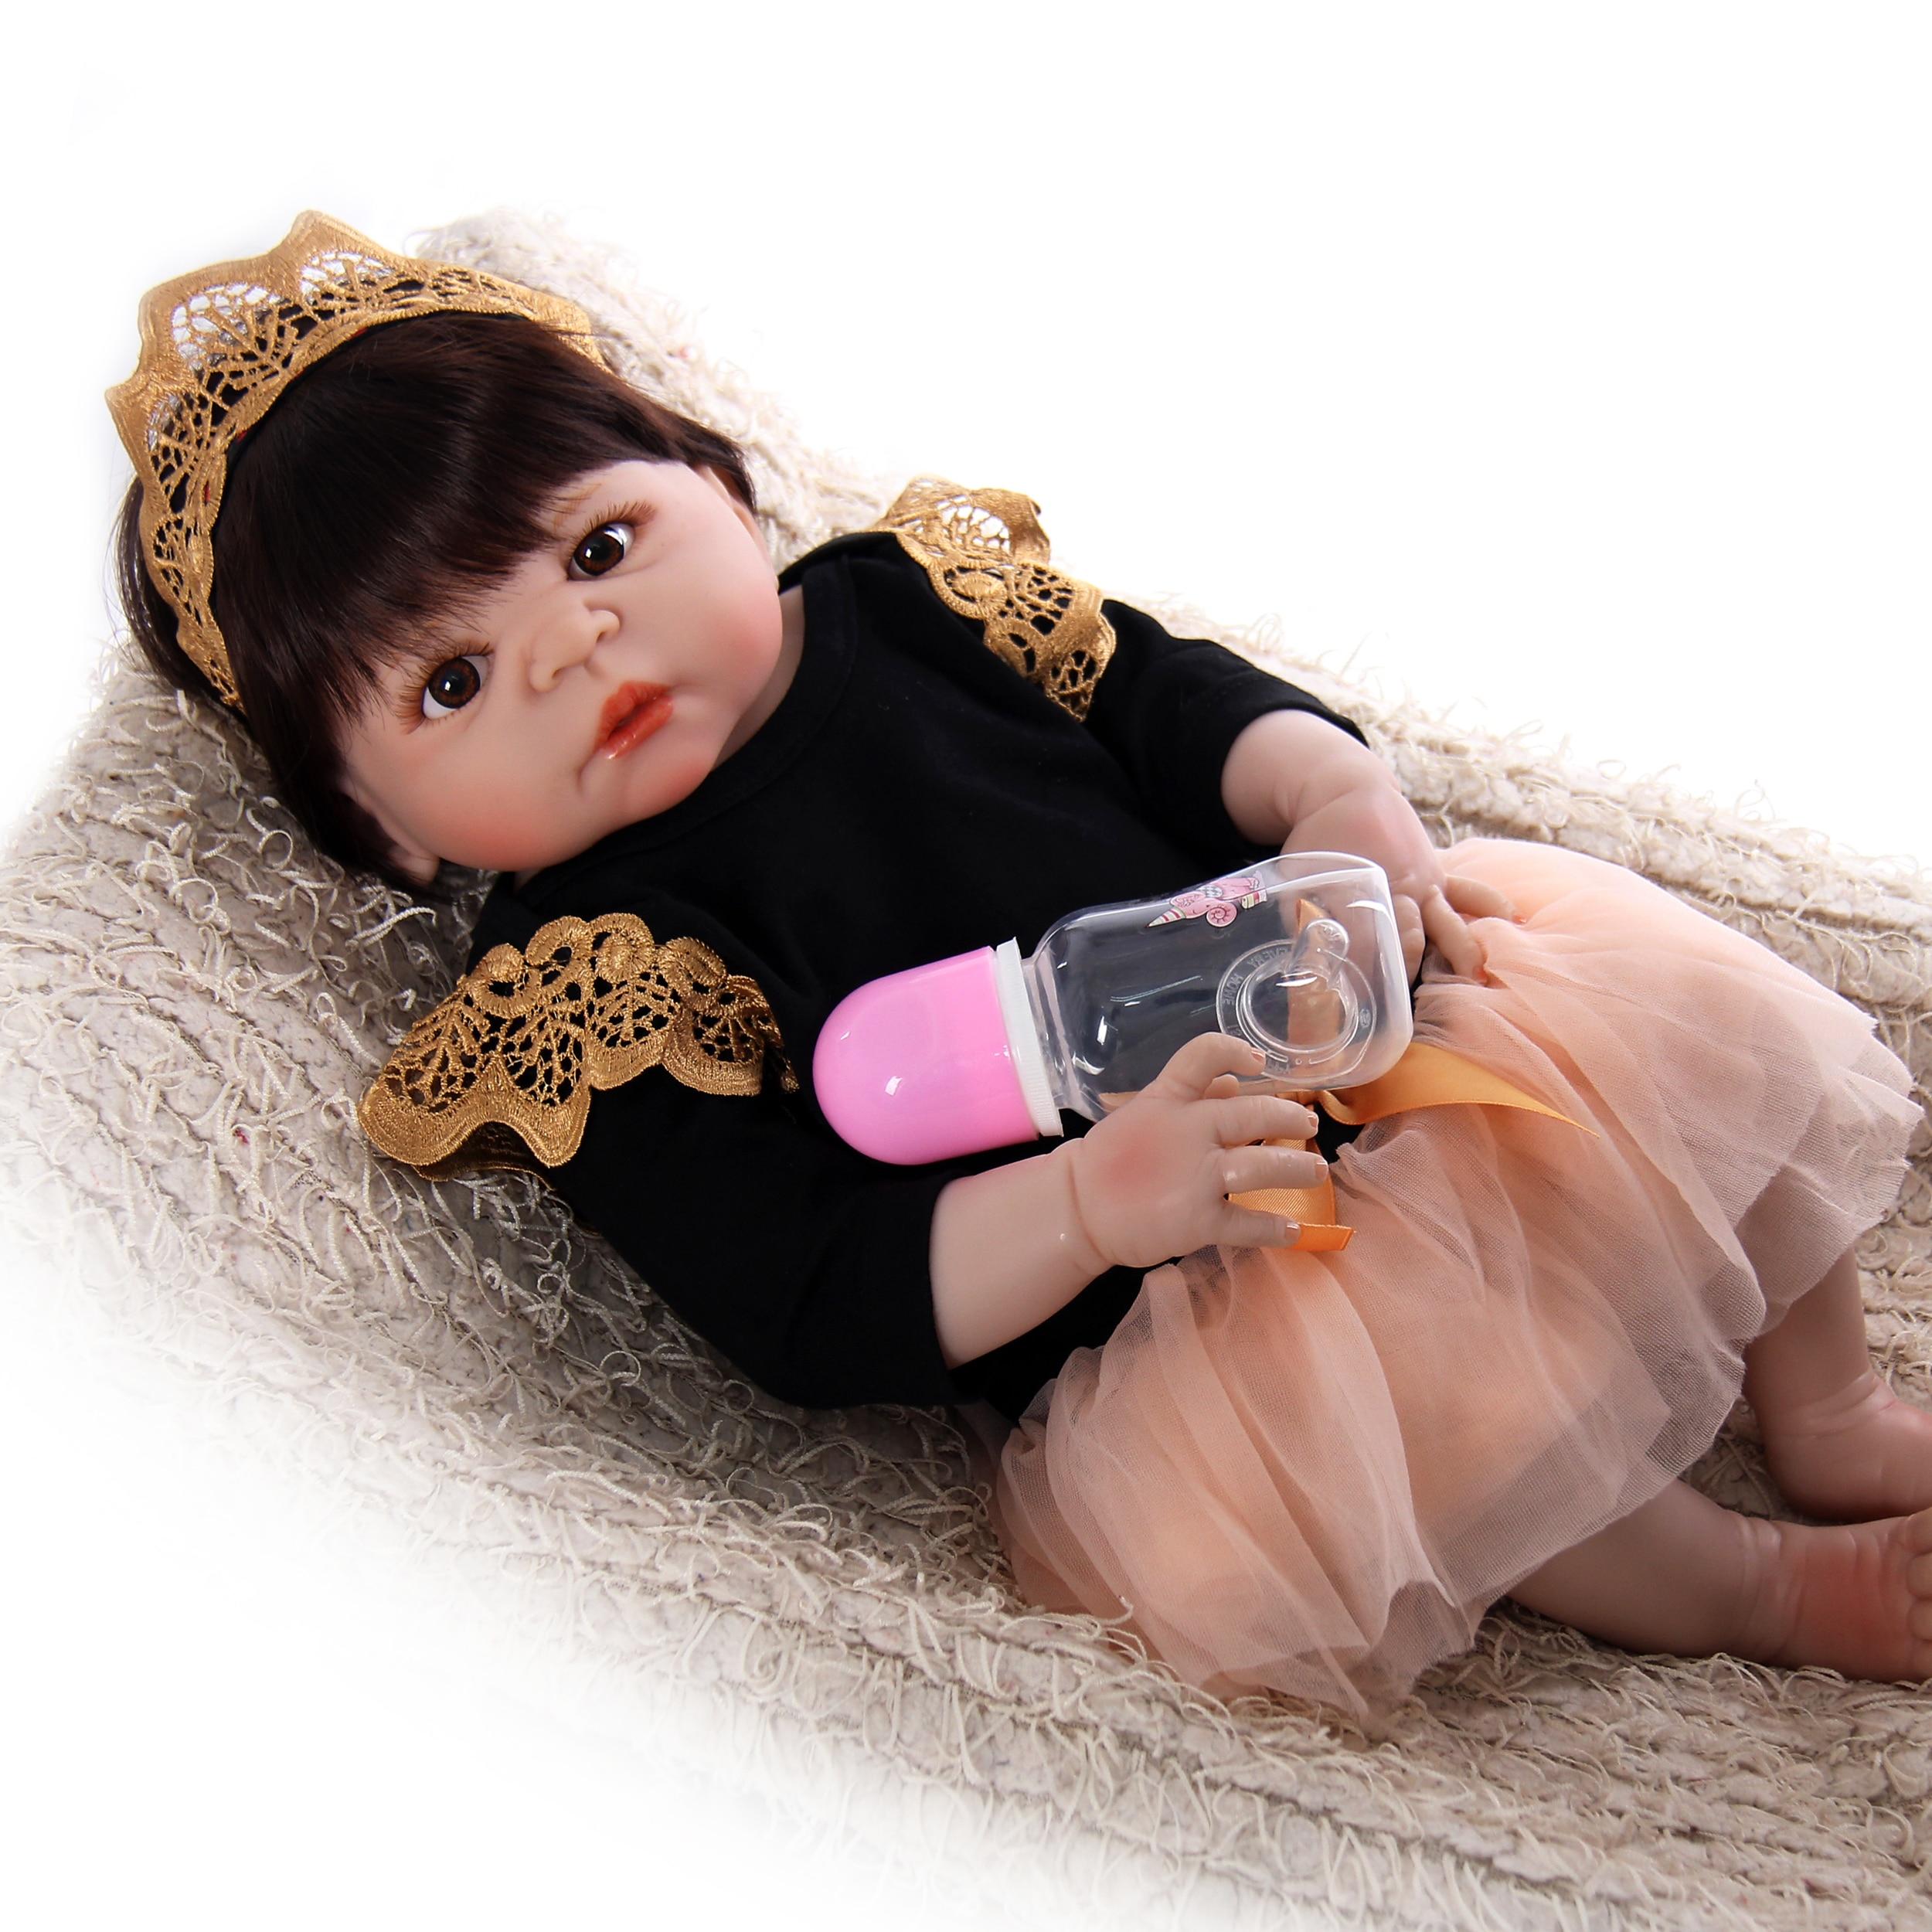 Venda quente corpo de vinil de silicone completo renascer-boneca tão verdadeiramente princesa 23 polegada bebê menina bebês bonecas lifelike crianças presentes de aniversário